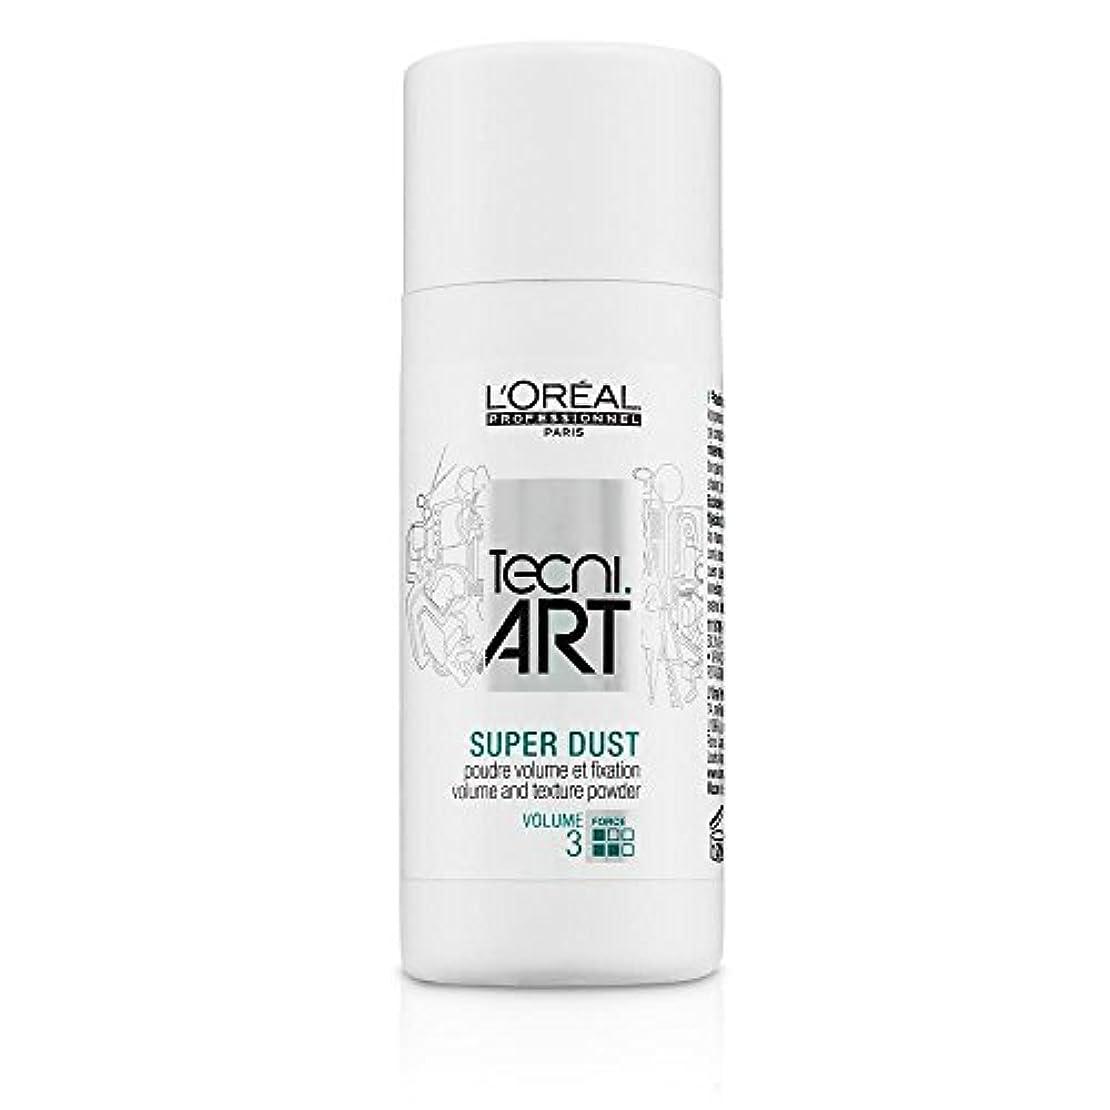 妊娠した湿った原稿L'Oreal Tecni Art Super Dust - Volume And Texture Powder 7g [並行輸入品]